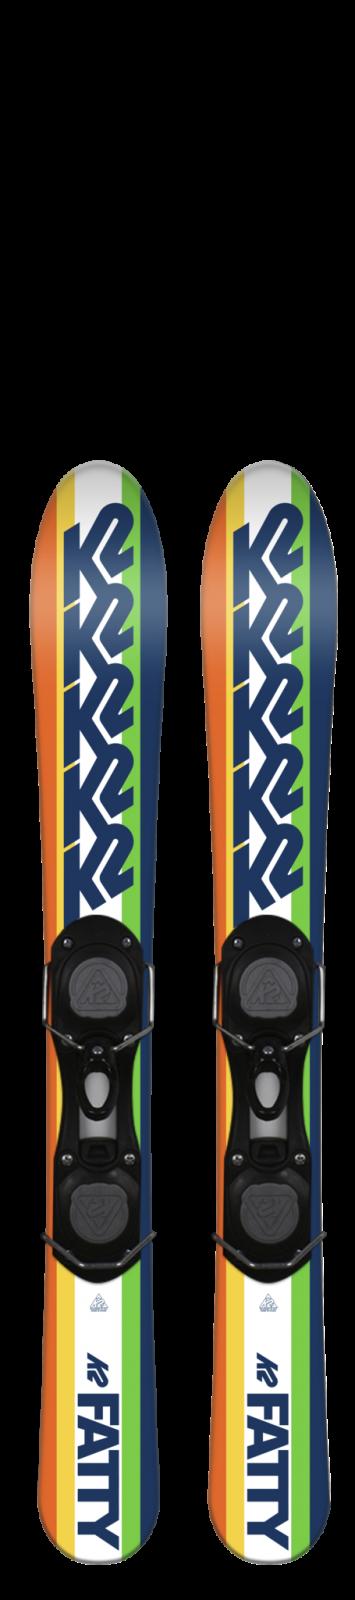 2020 K2 Fatty Skis